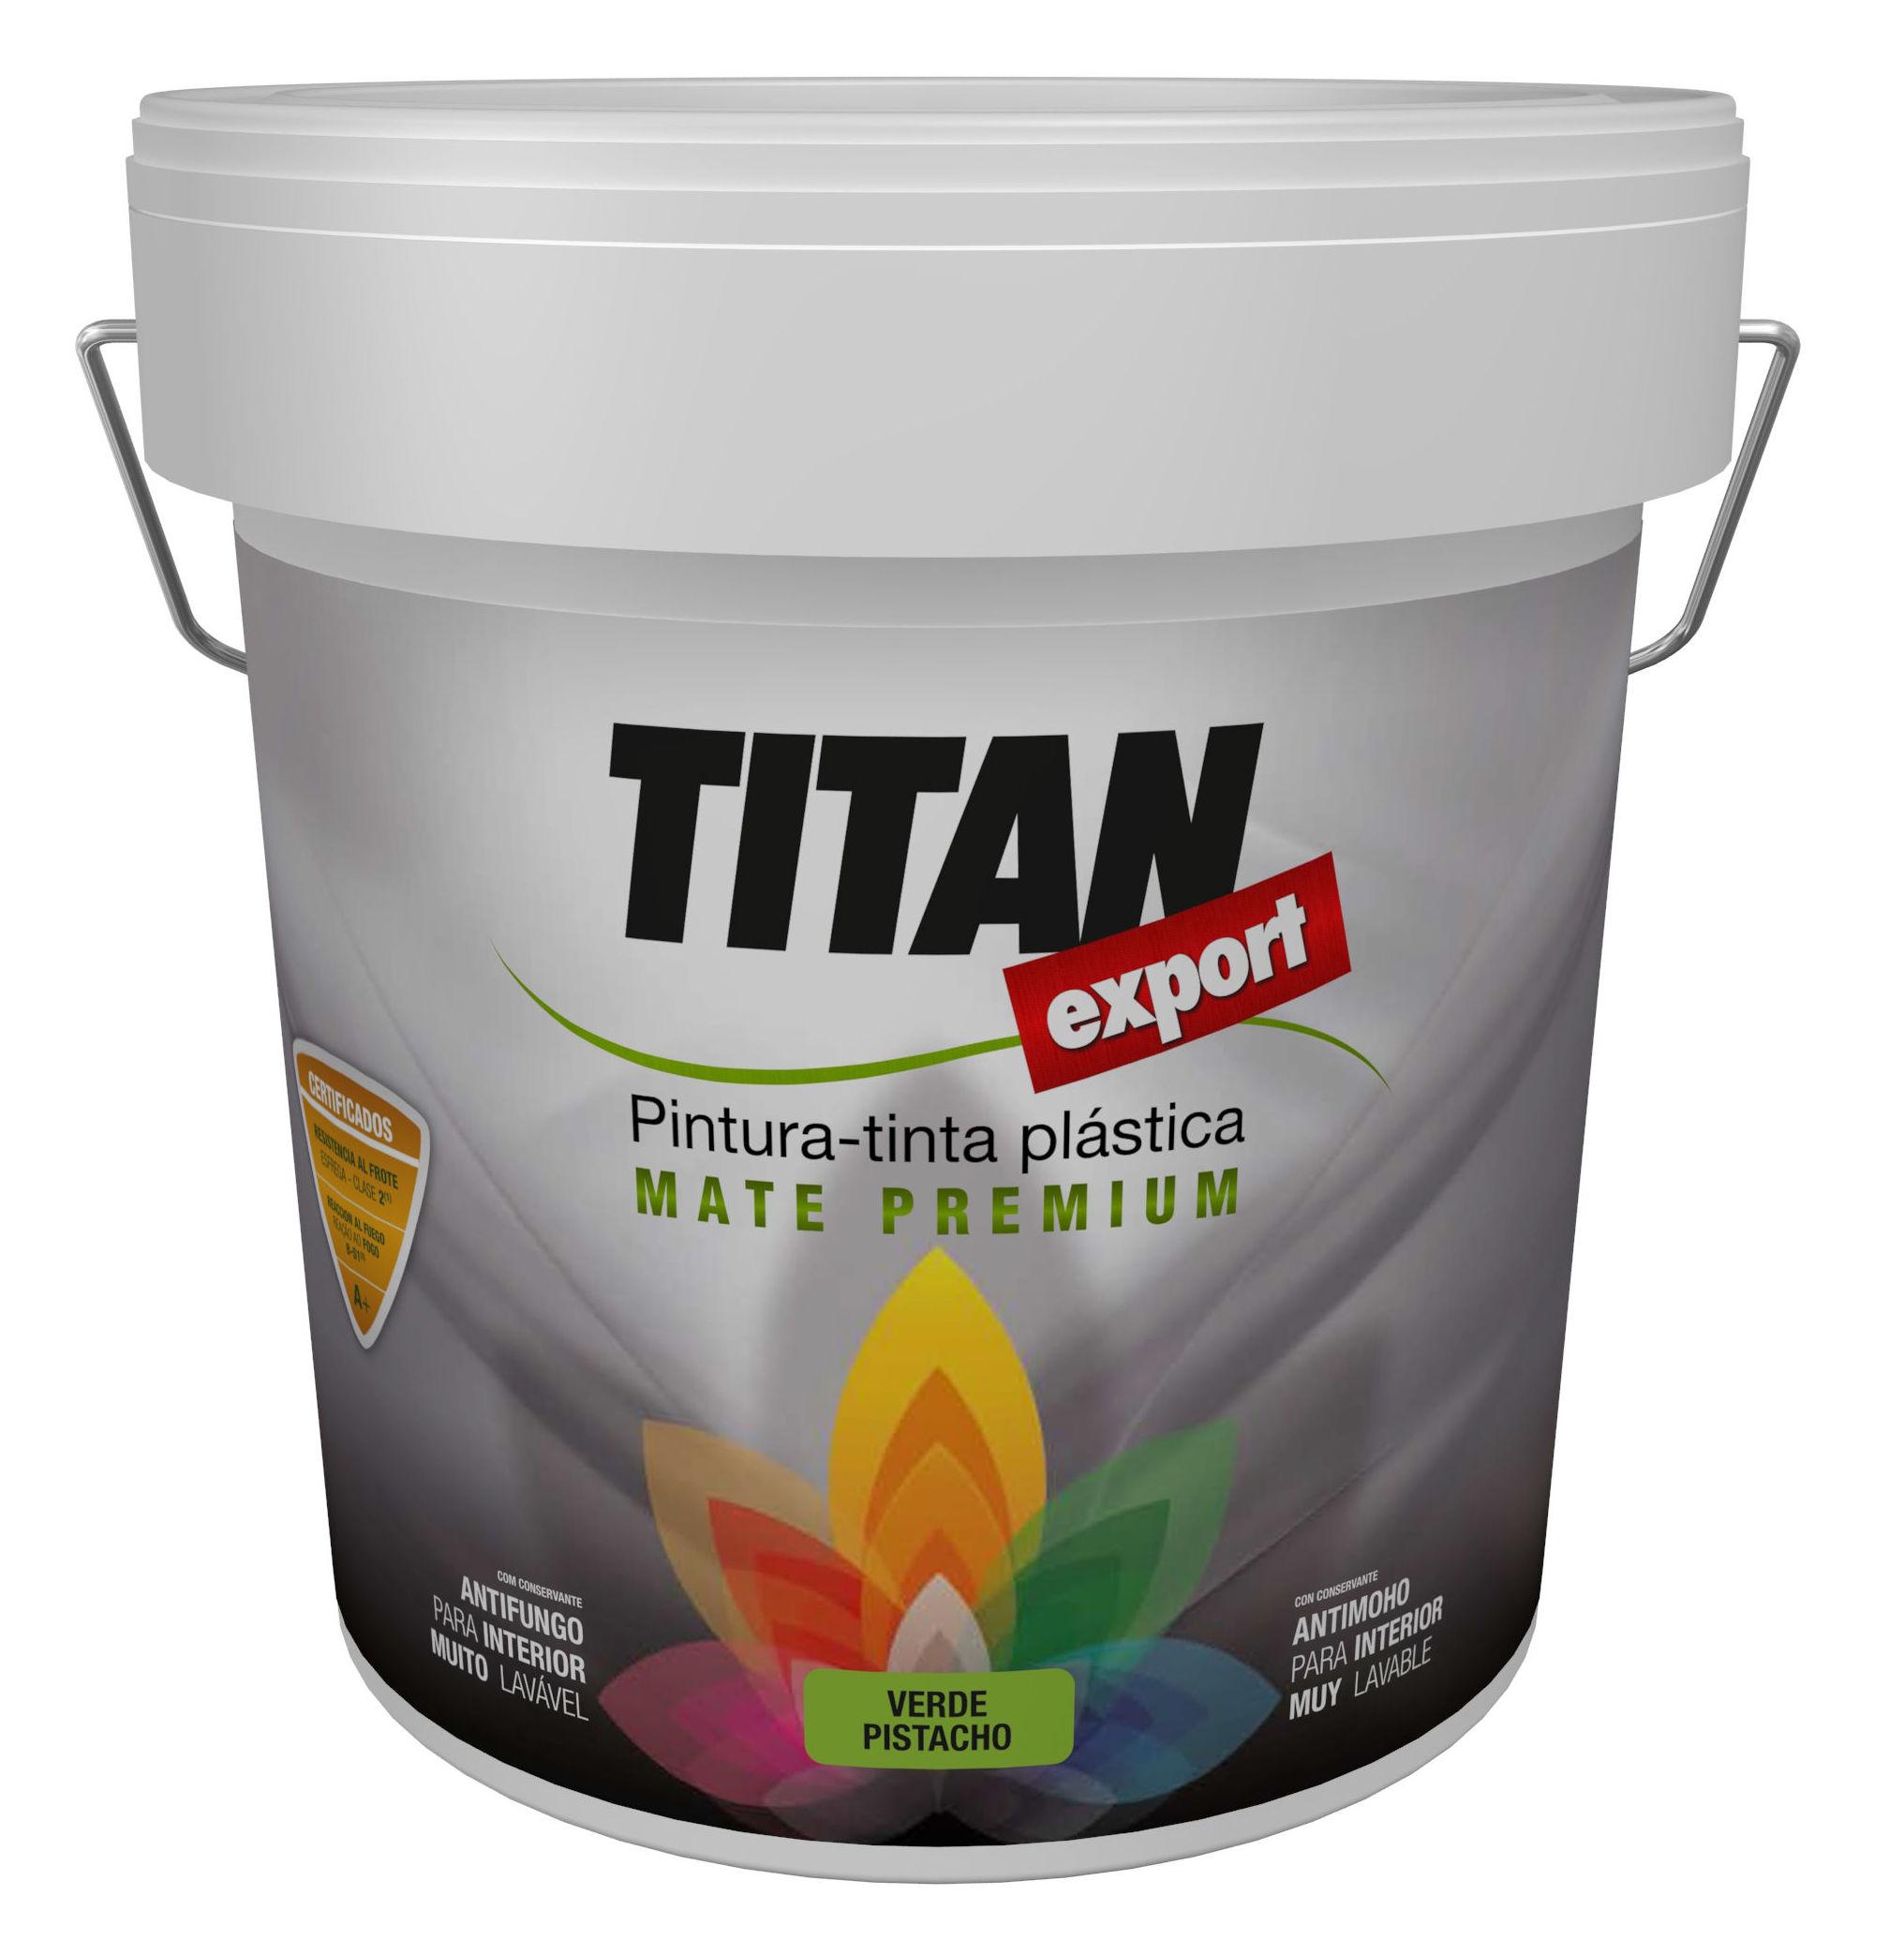 Titan export decoracion 15lts cat logo de iznacolor for Pinturas titan catalogo